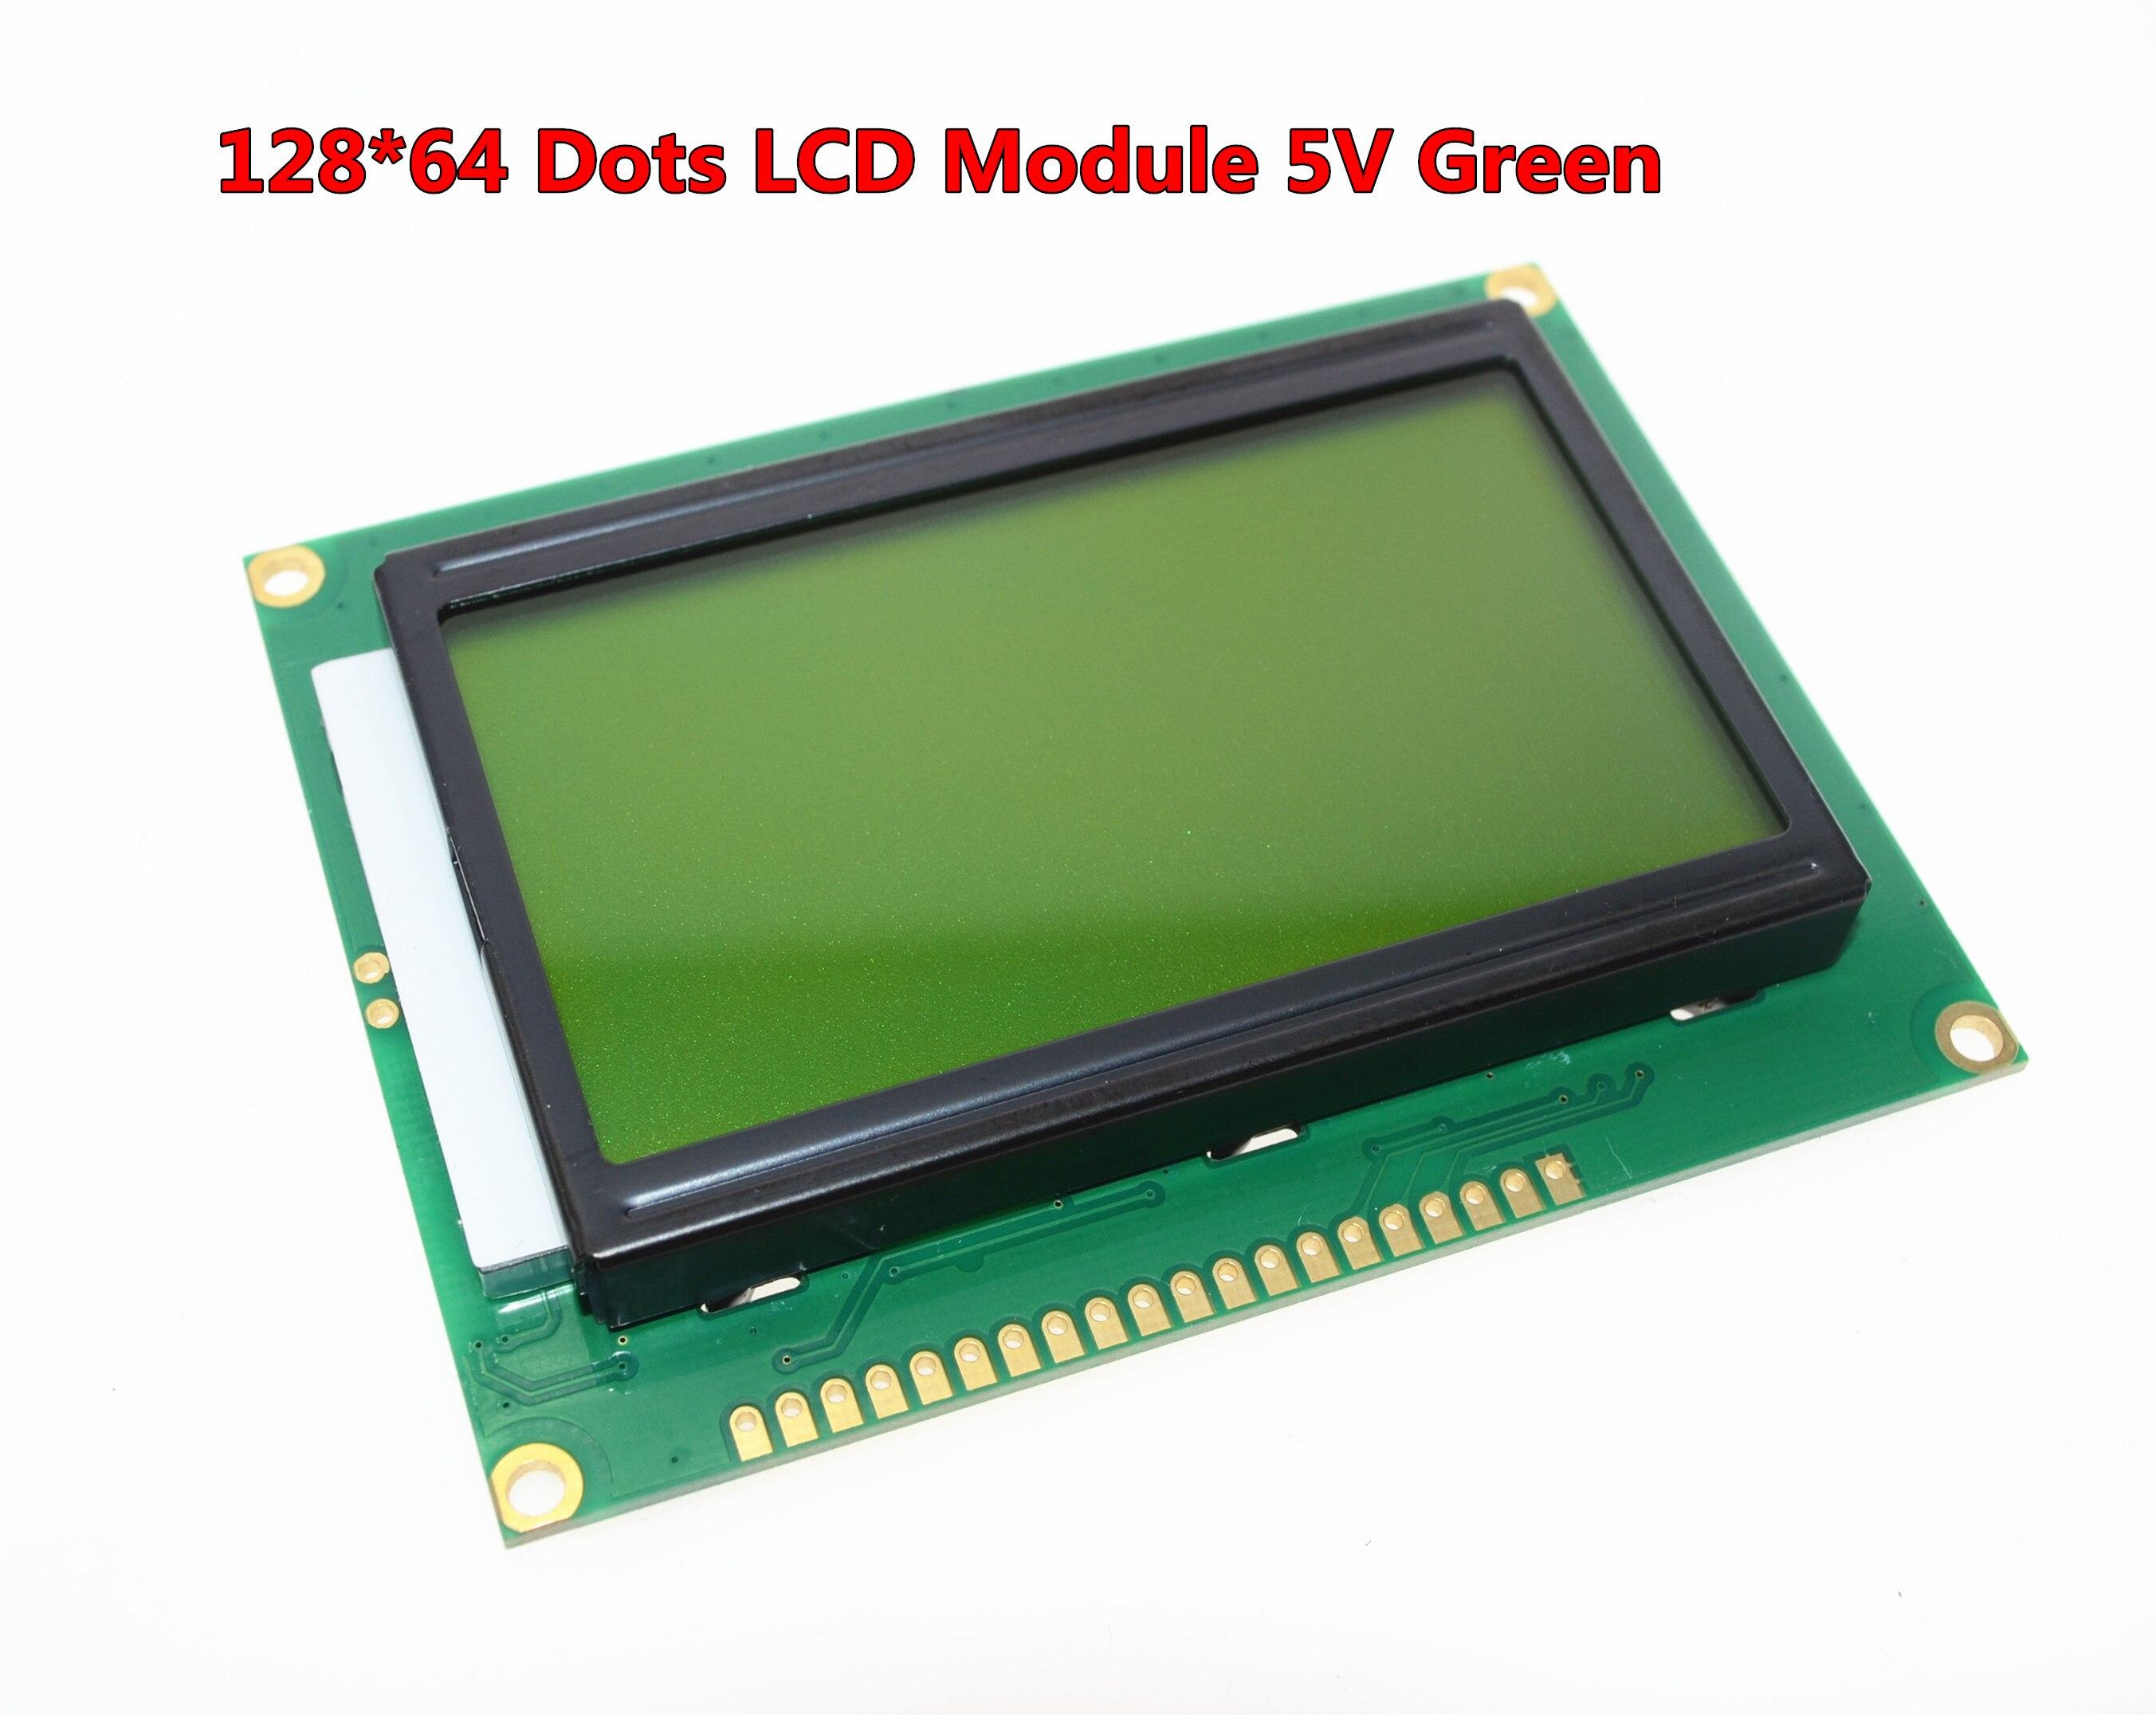 O envio gratuito de 12864 128x64 Pontos Gráfico Cor Verde Backlight LCD Display Module para arduino raspberry pi